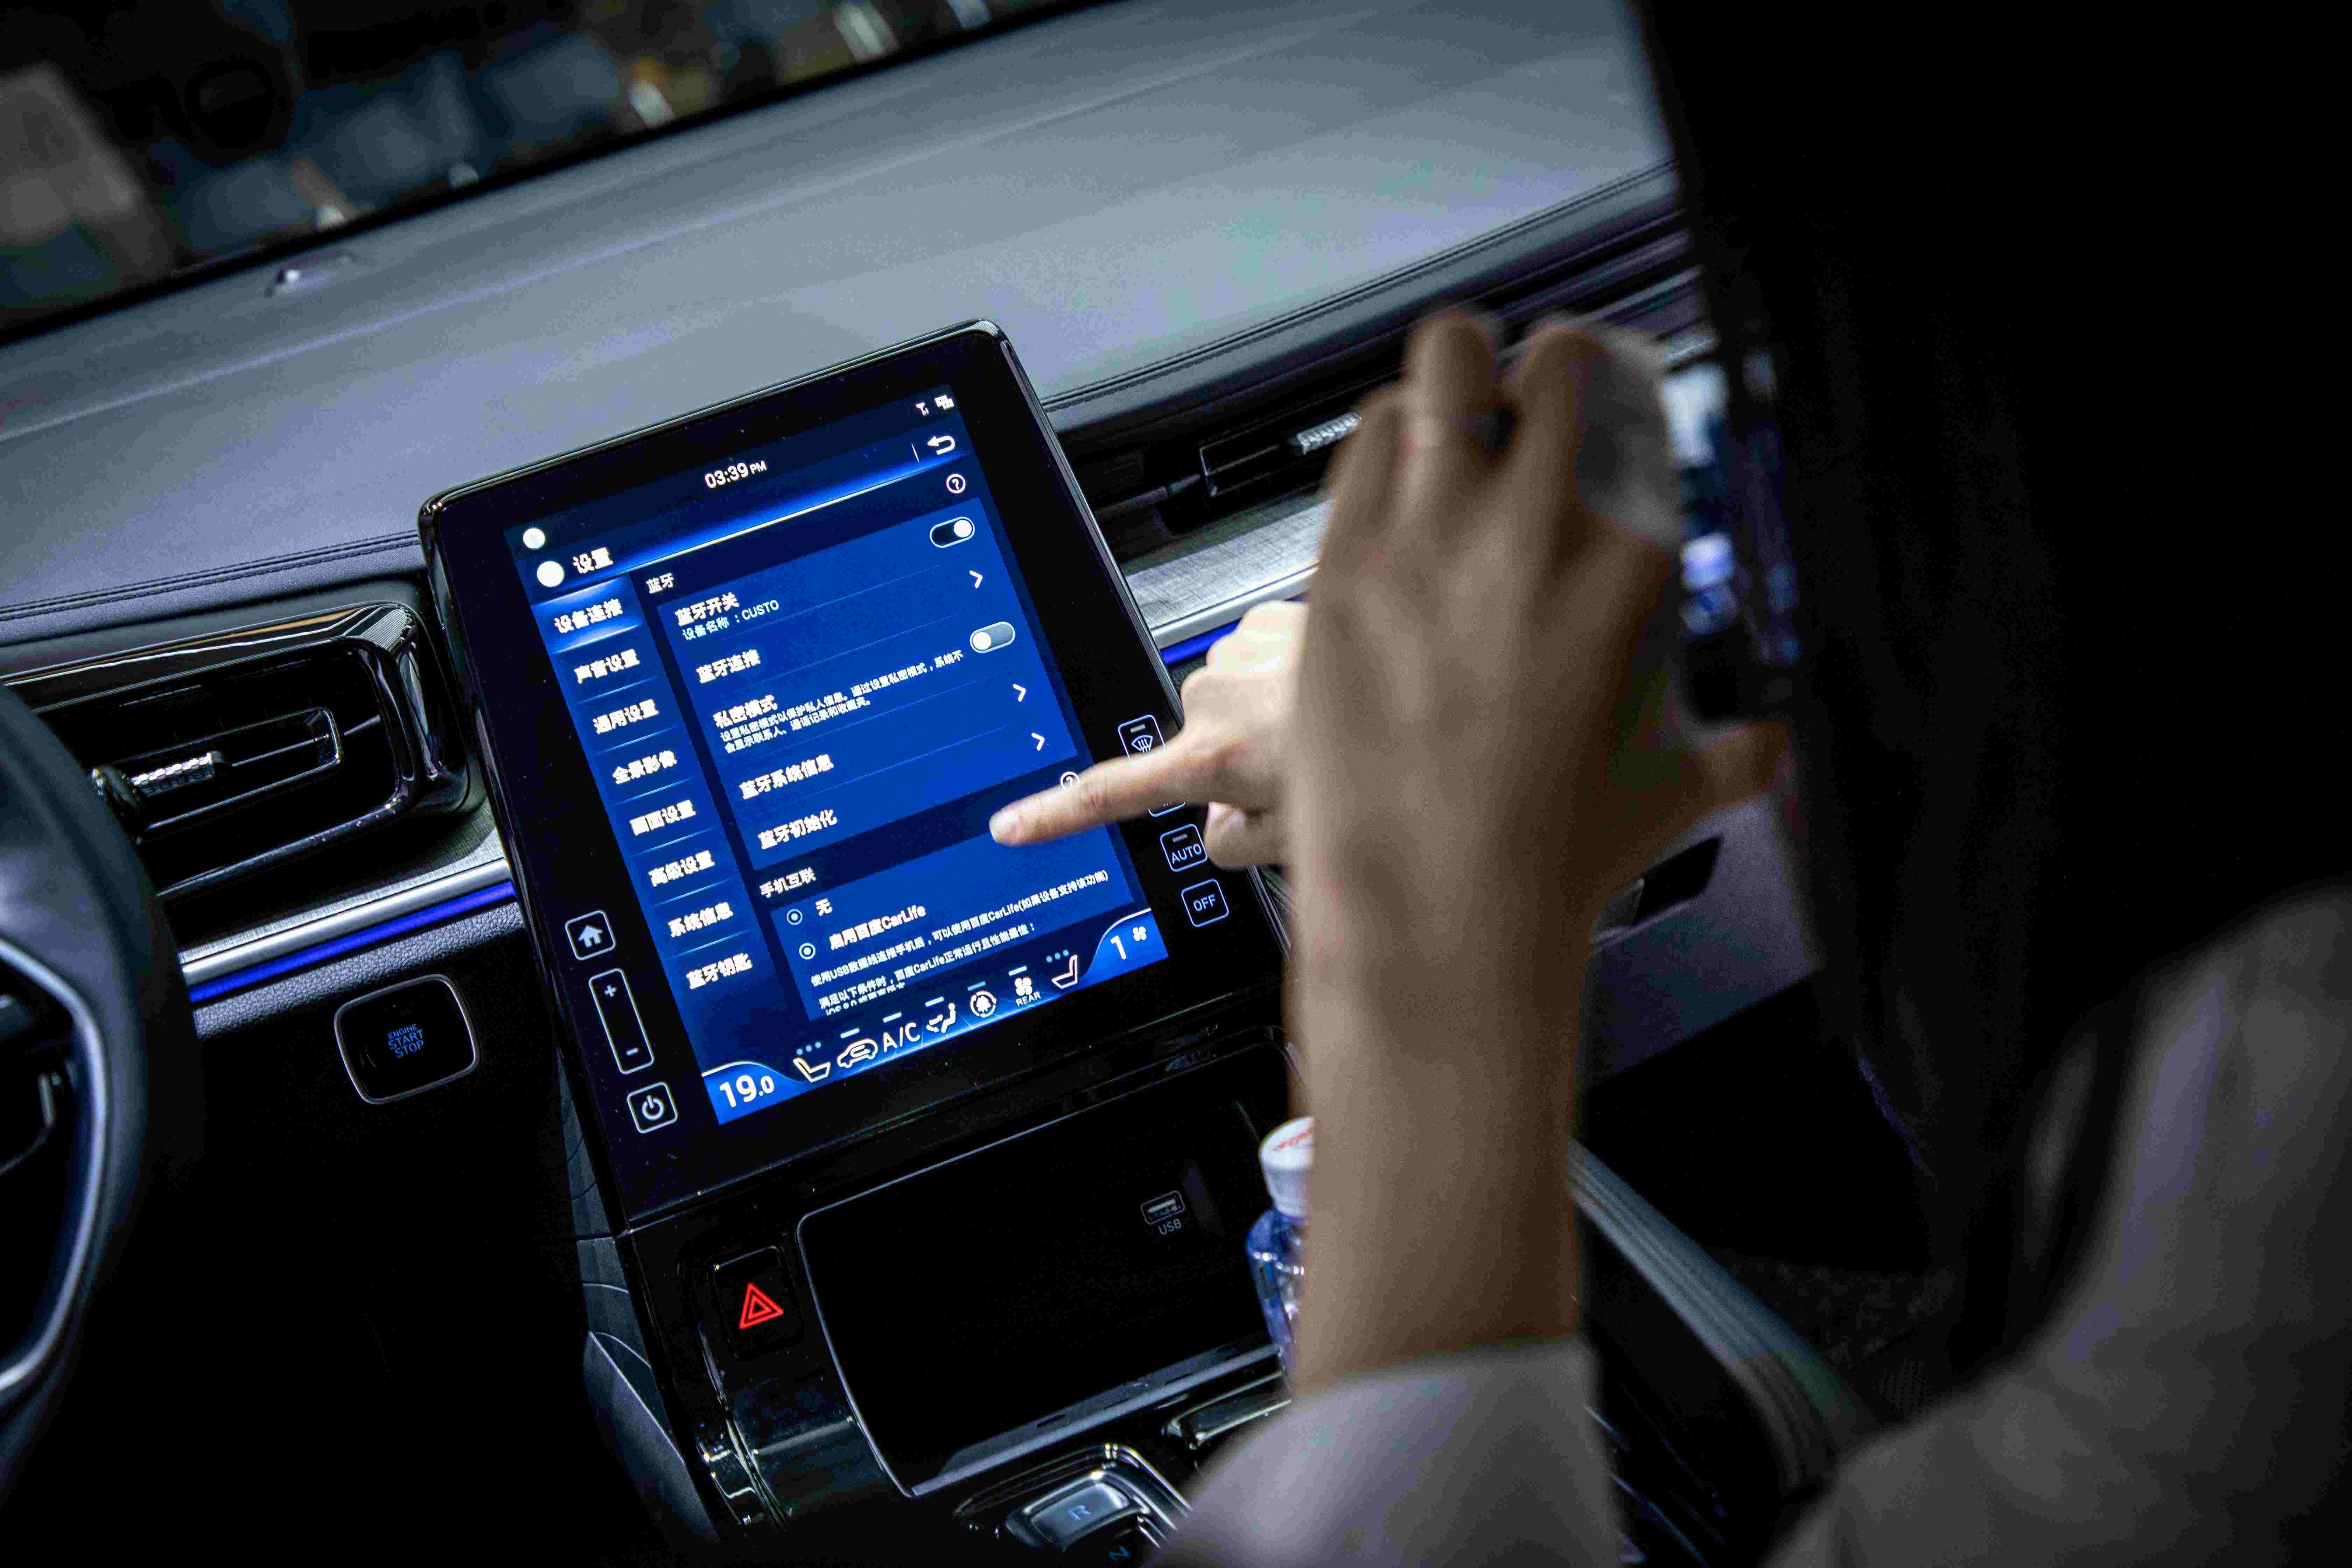 北京现代:正在研发L3级别自动驾驶 未来将按国内法规推进